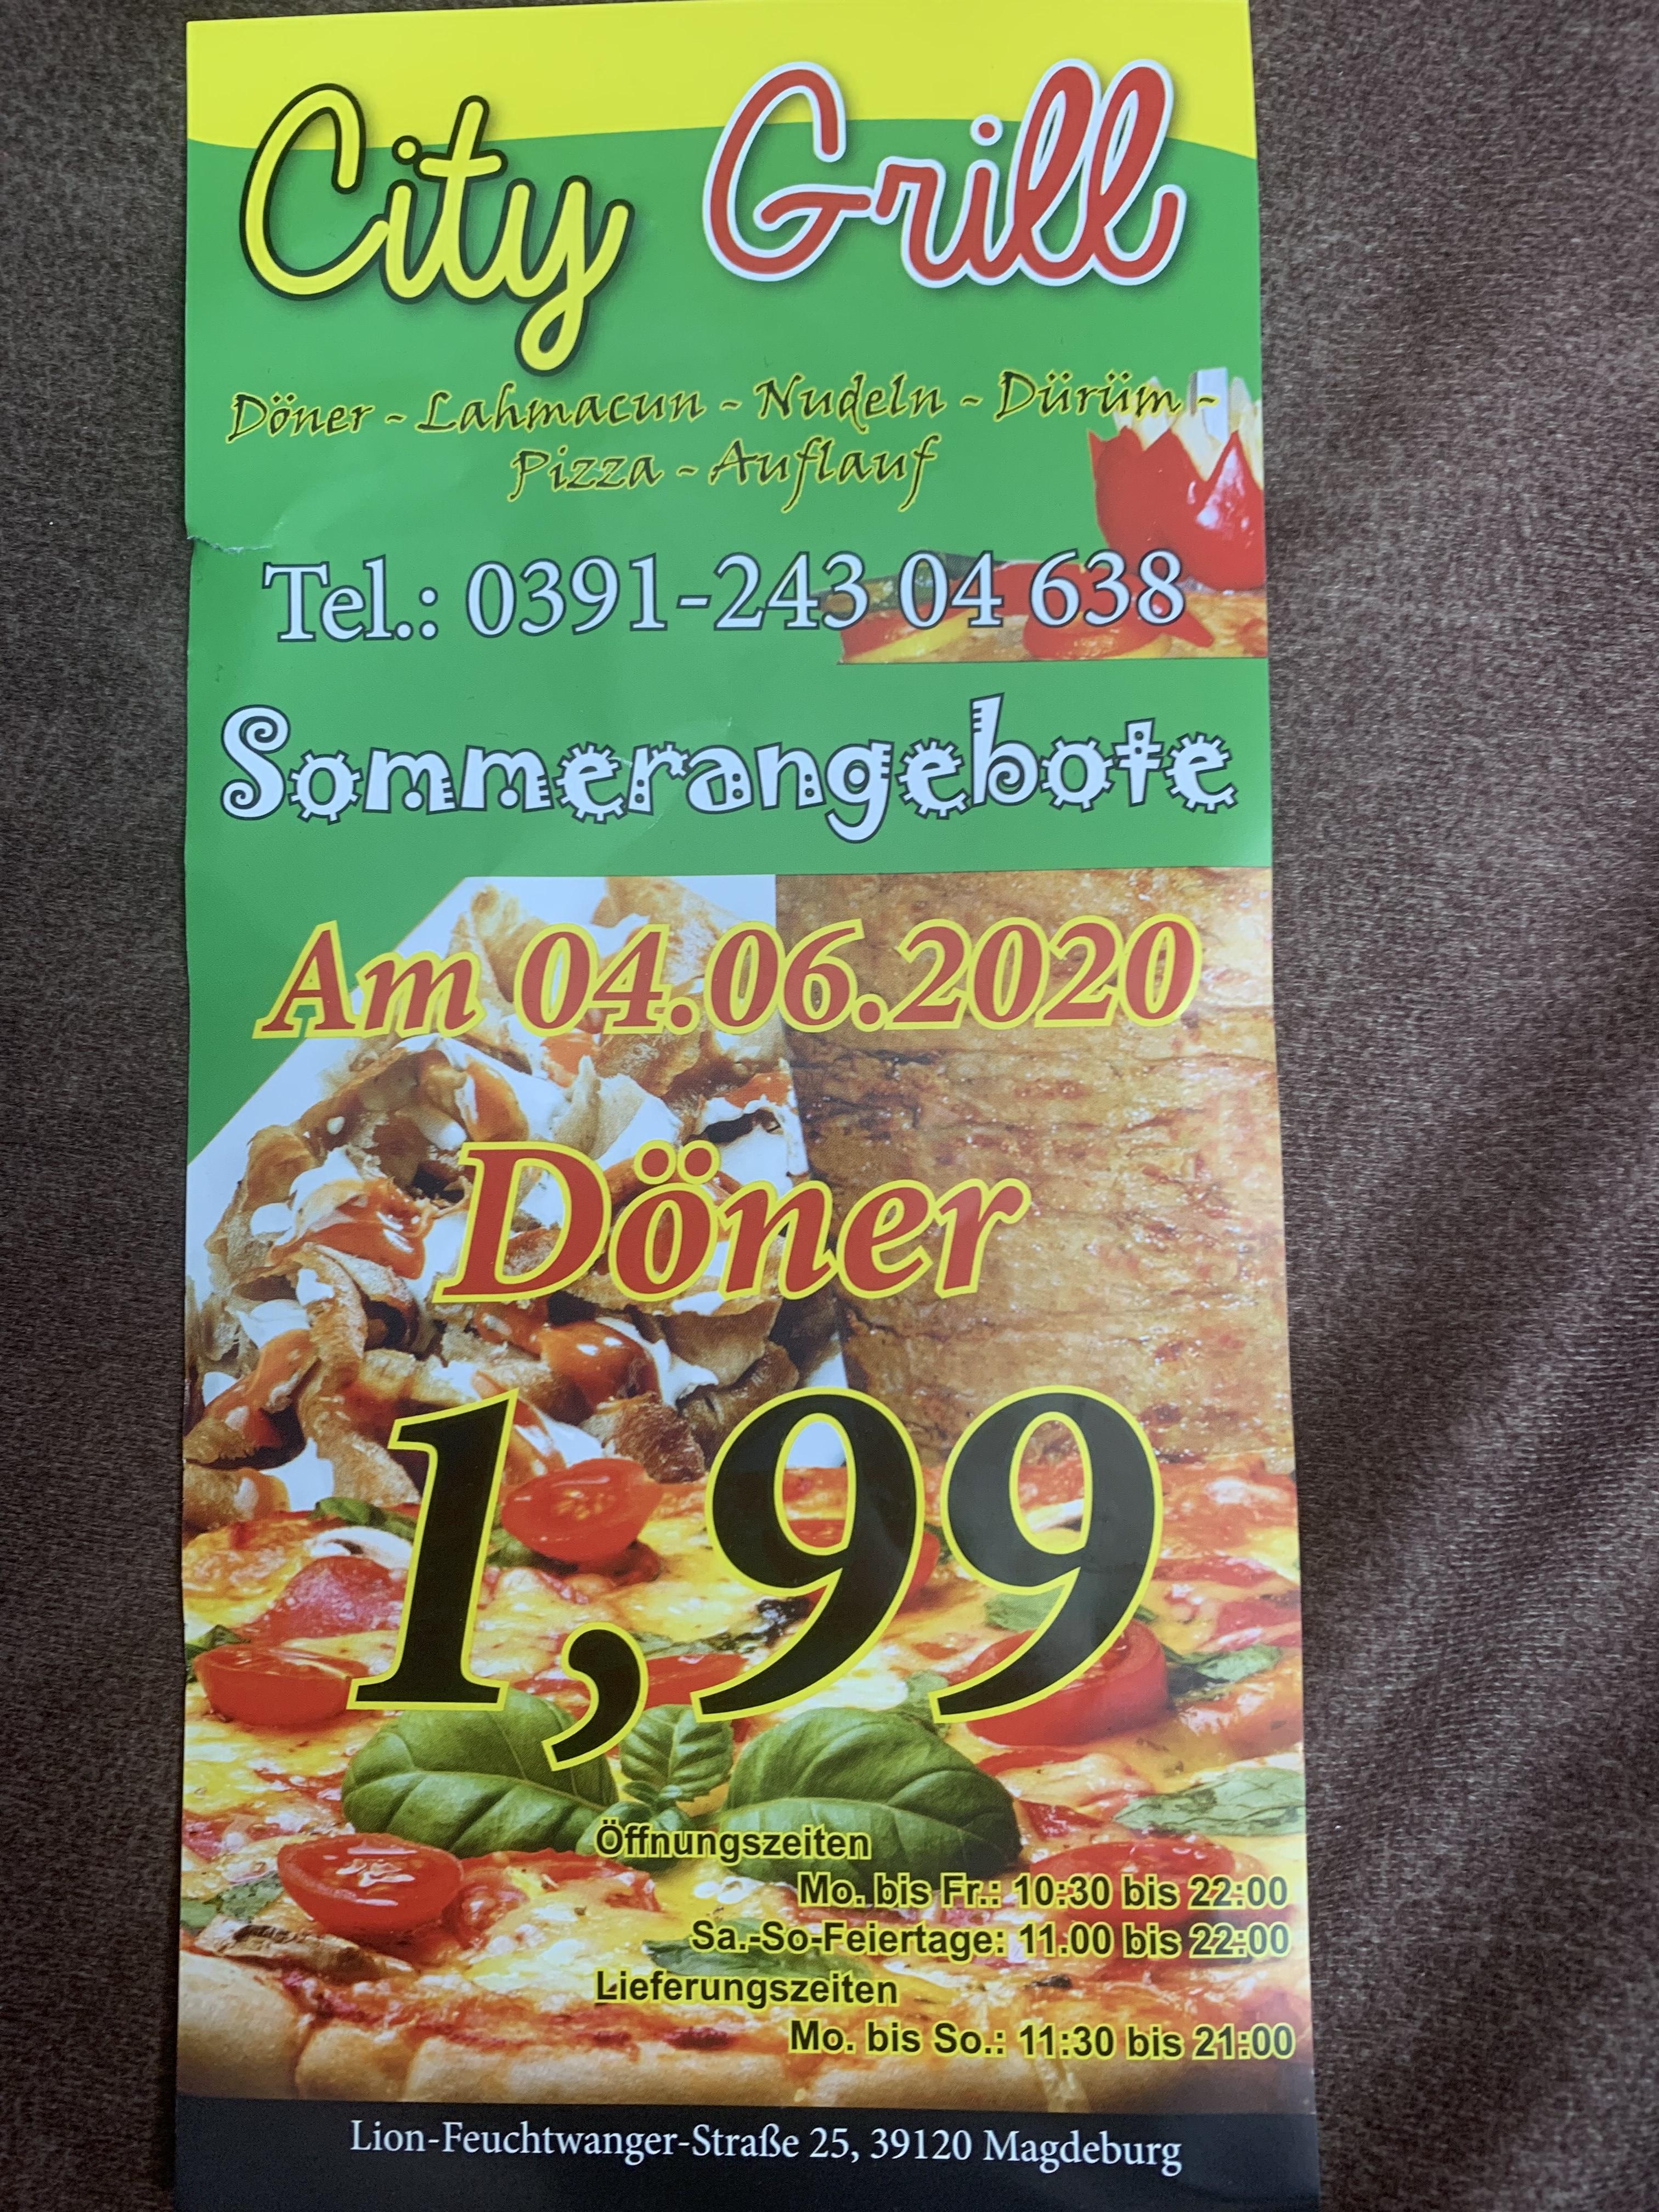 (Lokal) Magdeburg Döner für 1,99€ am 4.06.20